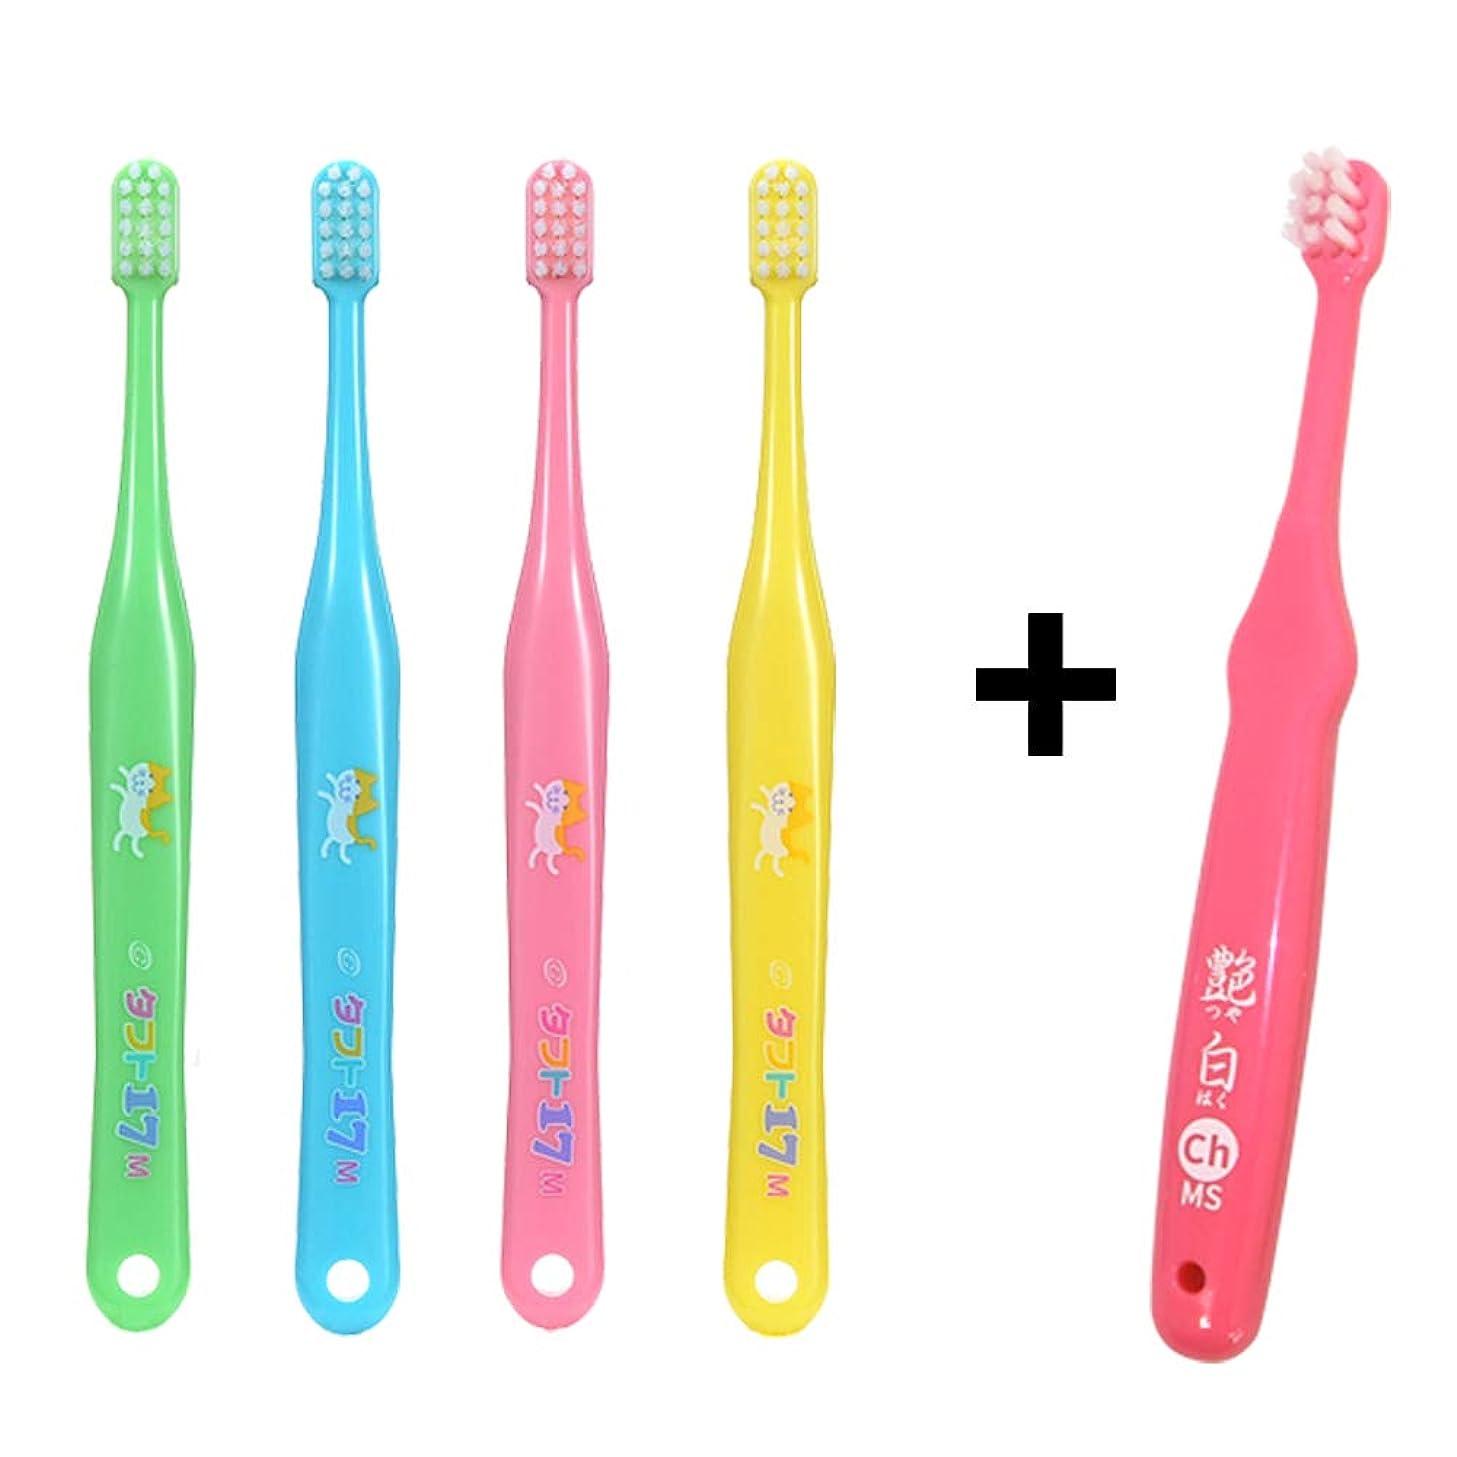 父方の仮称影響力のあるタフト17 M 歯ブラシ×10本 + 艶白(つやはく) Ch チャイルド ハブラシ×1本 MS(やややわらかめ) 日本製 歯科専売品